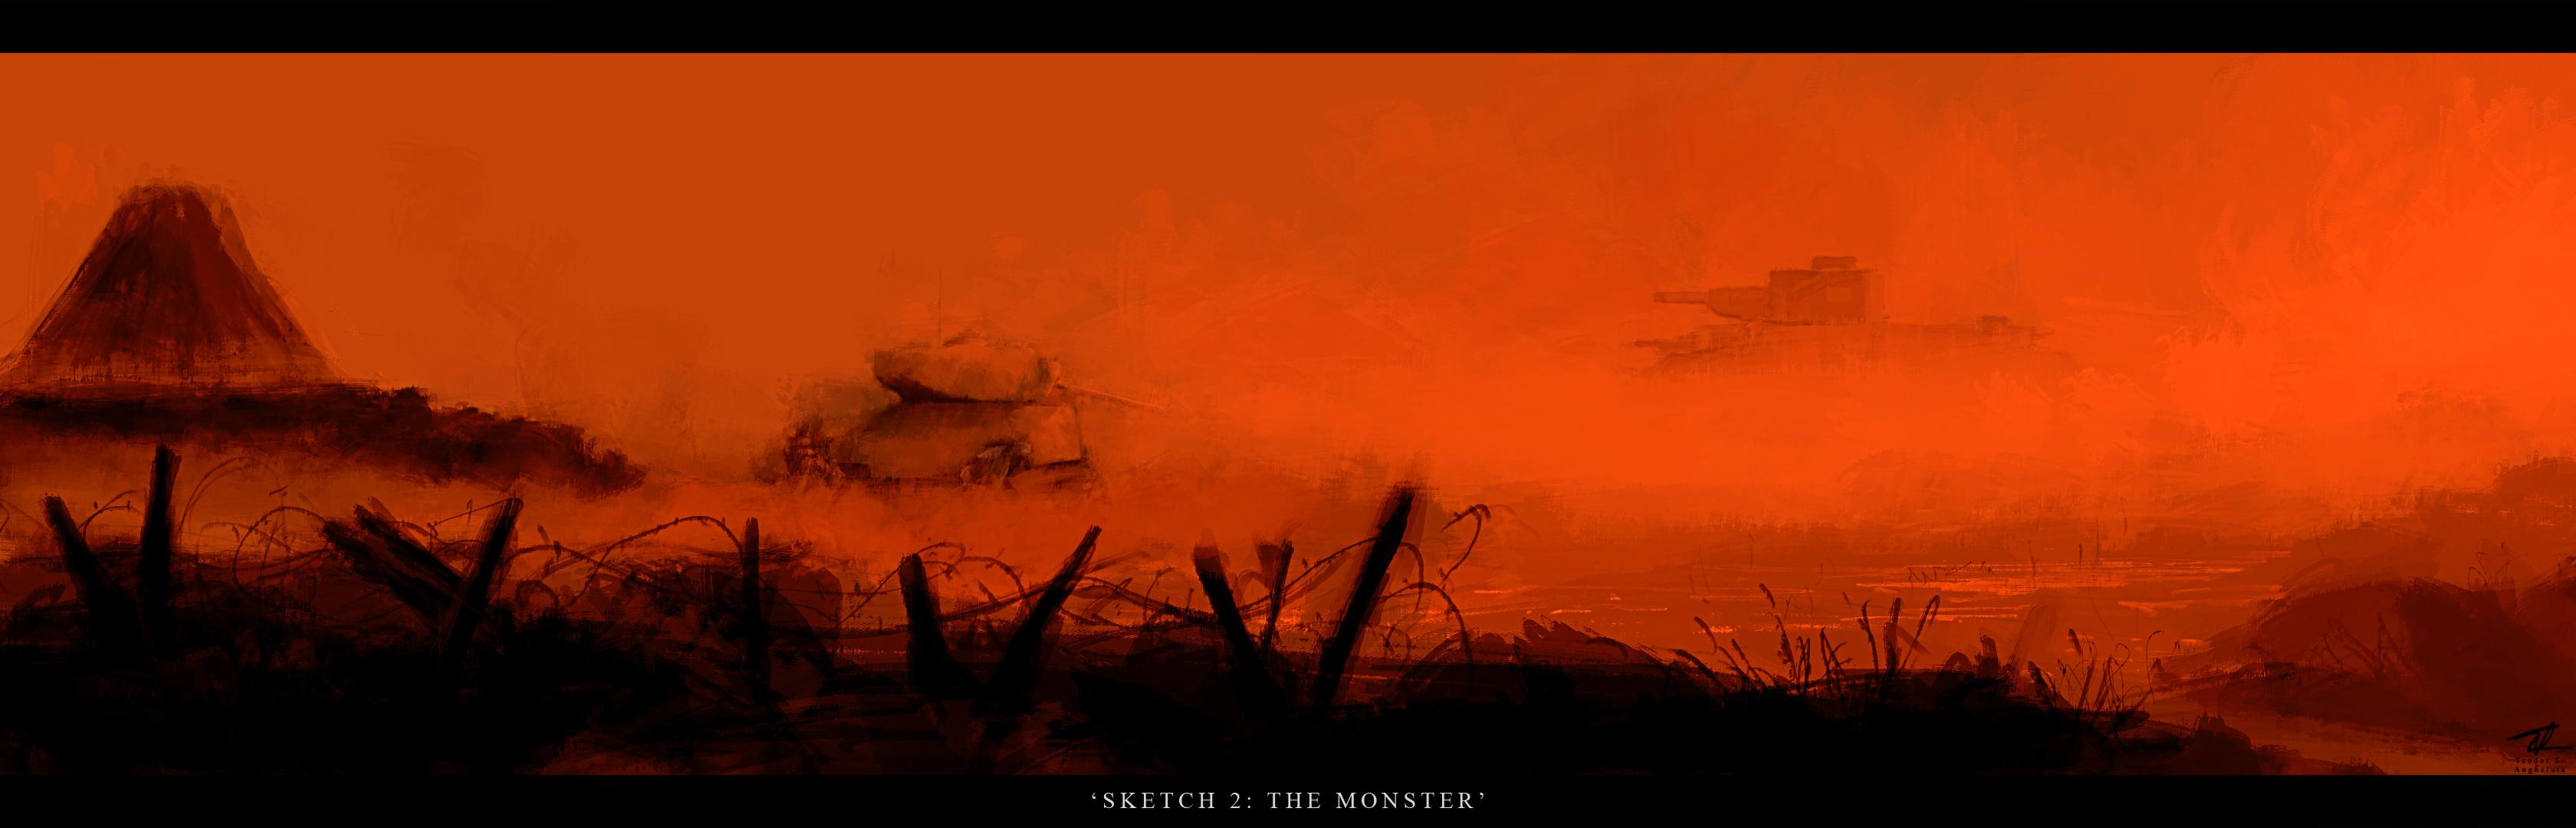 Sketch+2+The+Monster.jpg